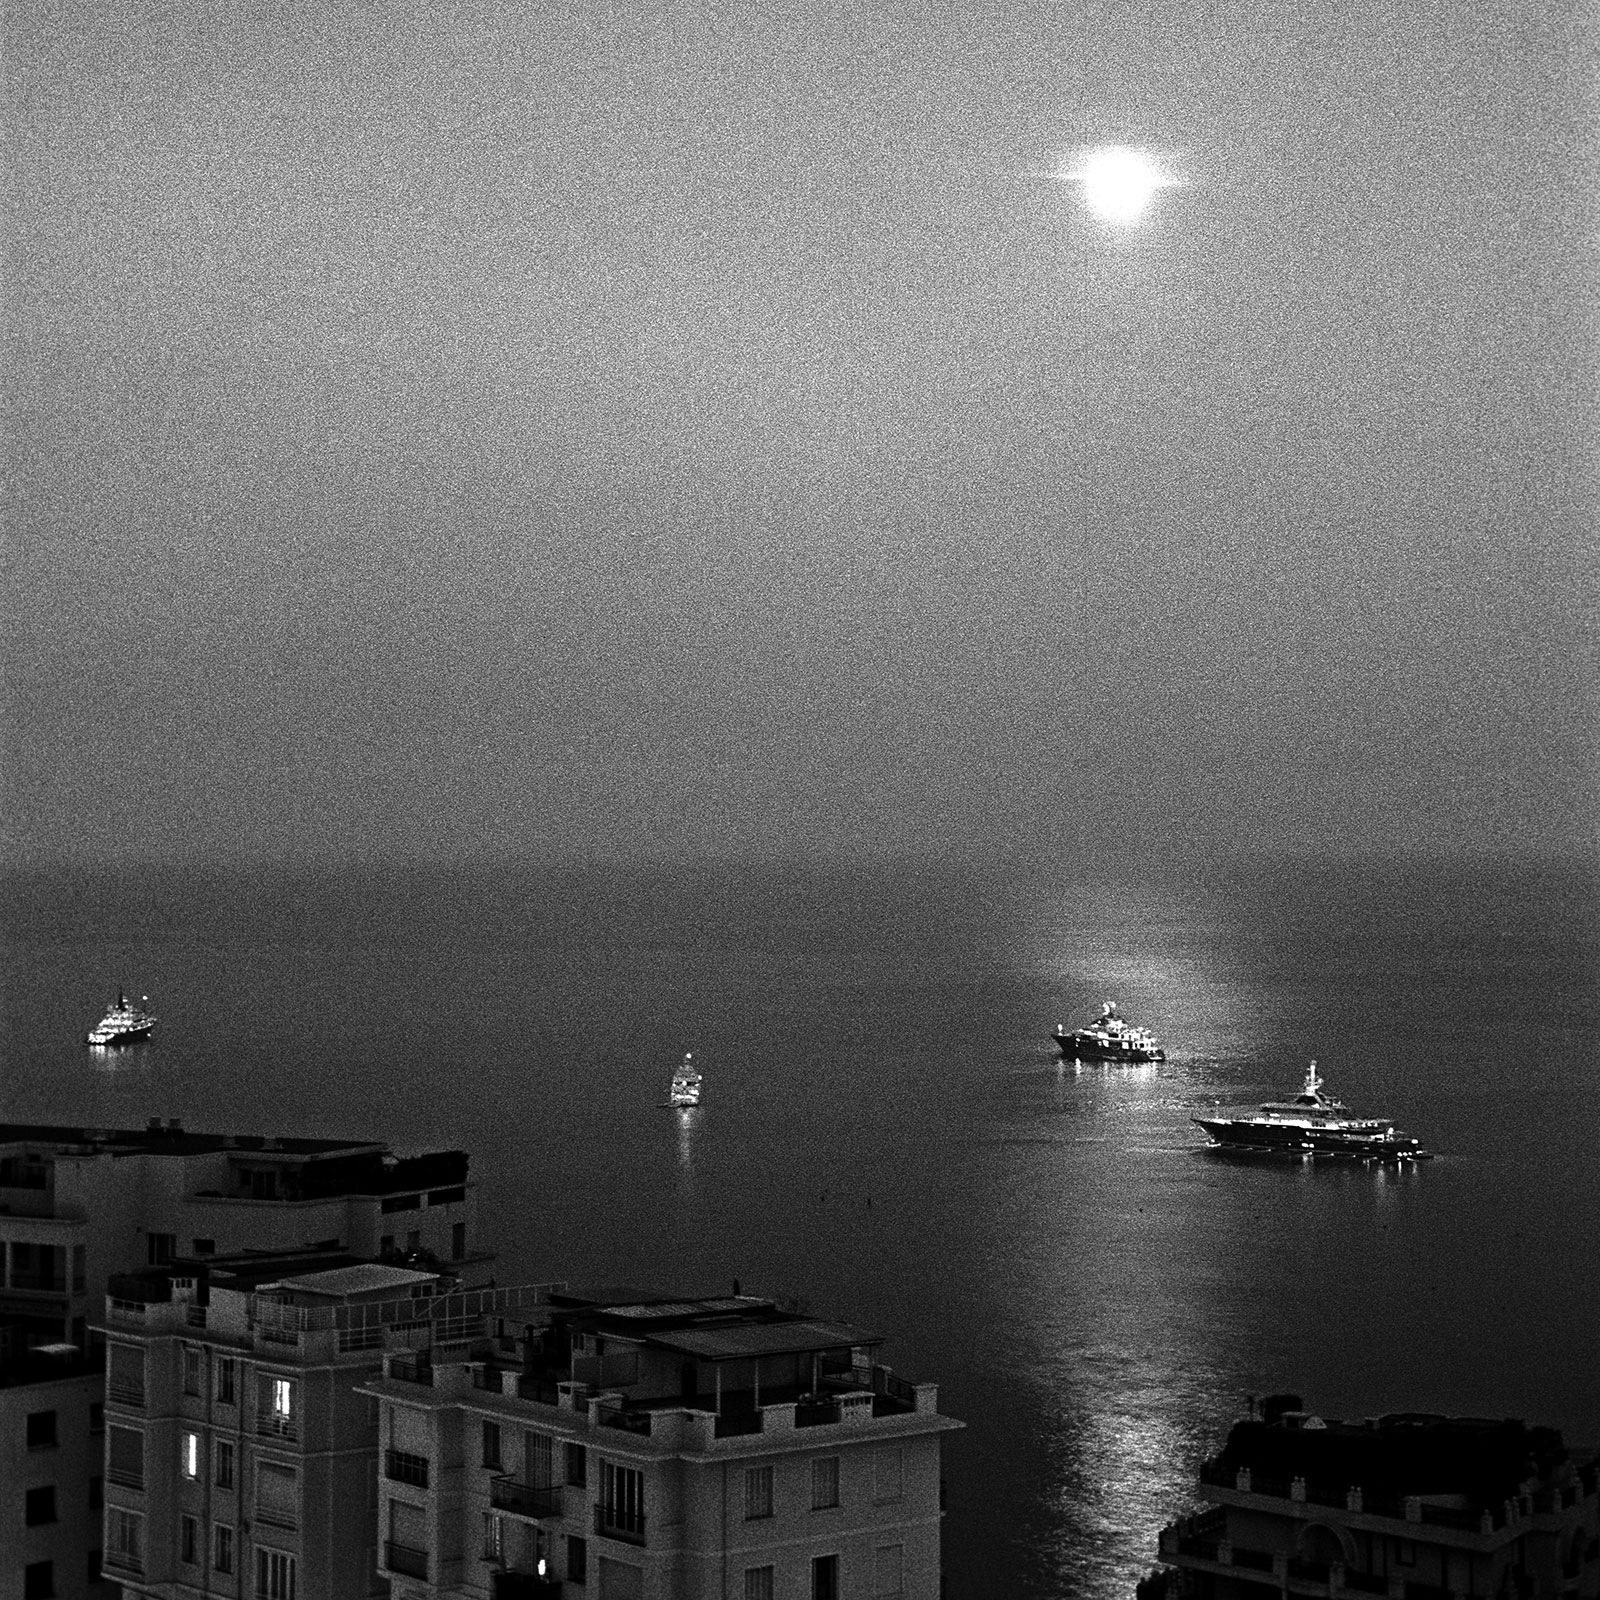 Moonglow by Marek Fogiel